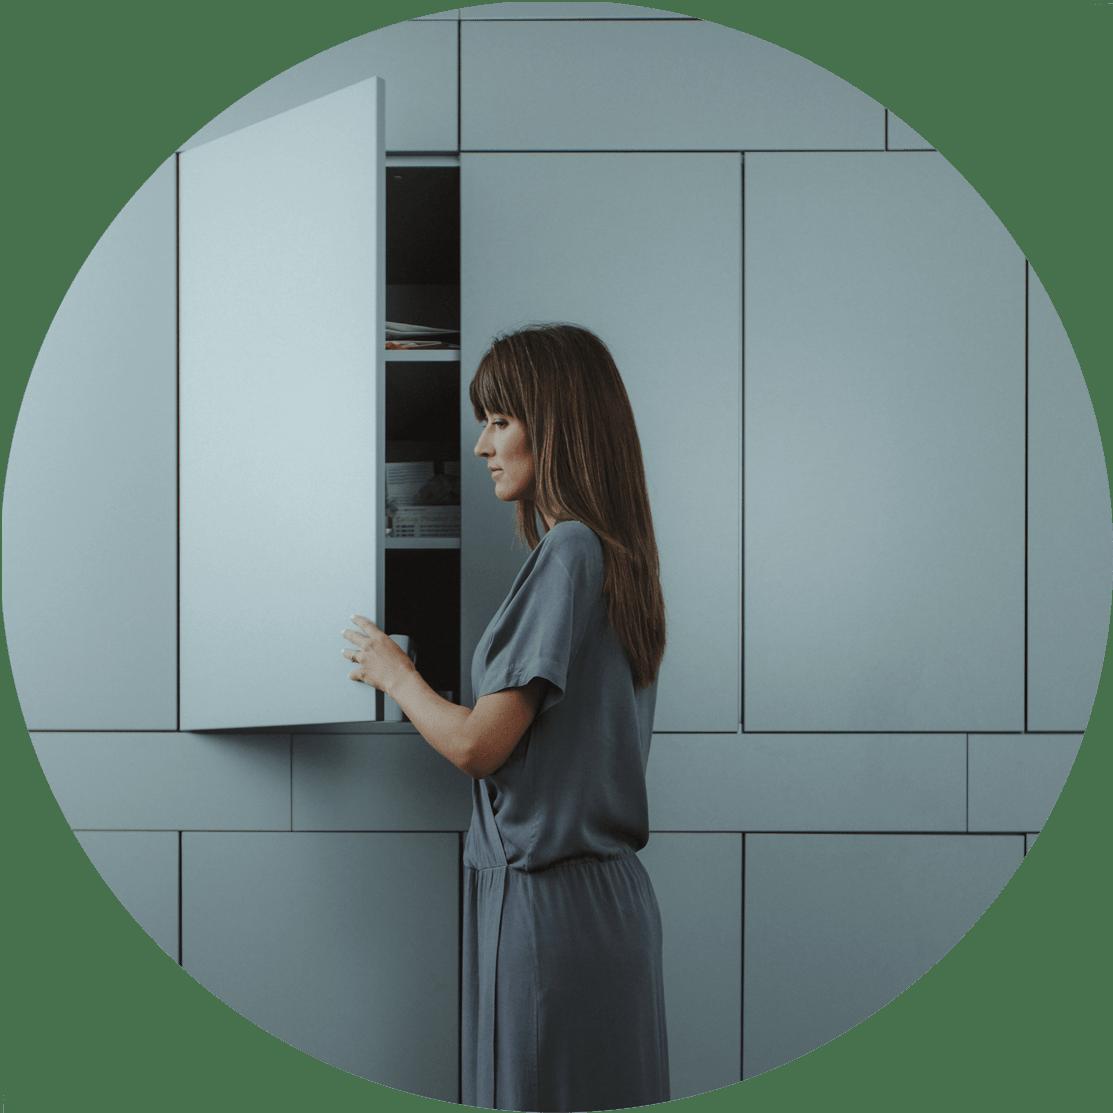 Dra. Julie Khayat. Clinica Medicina estética en Granada